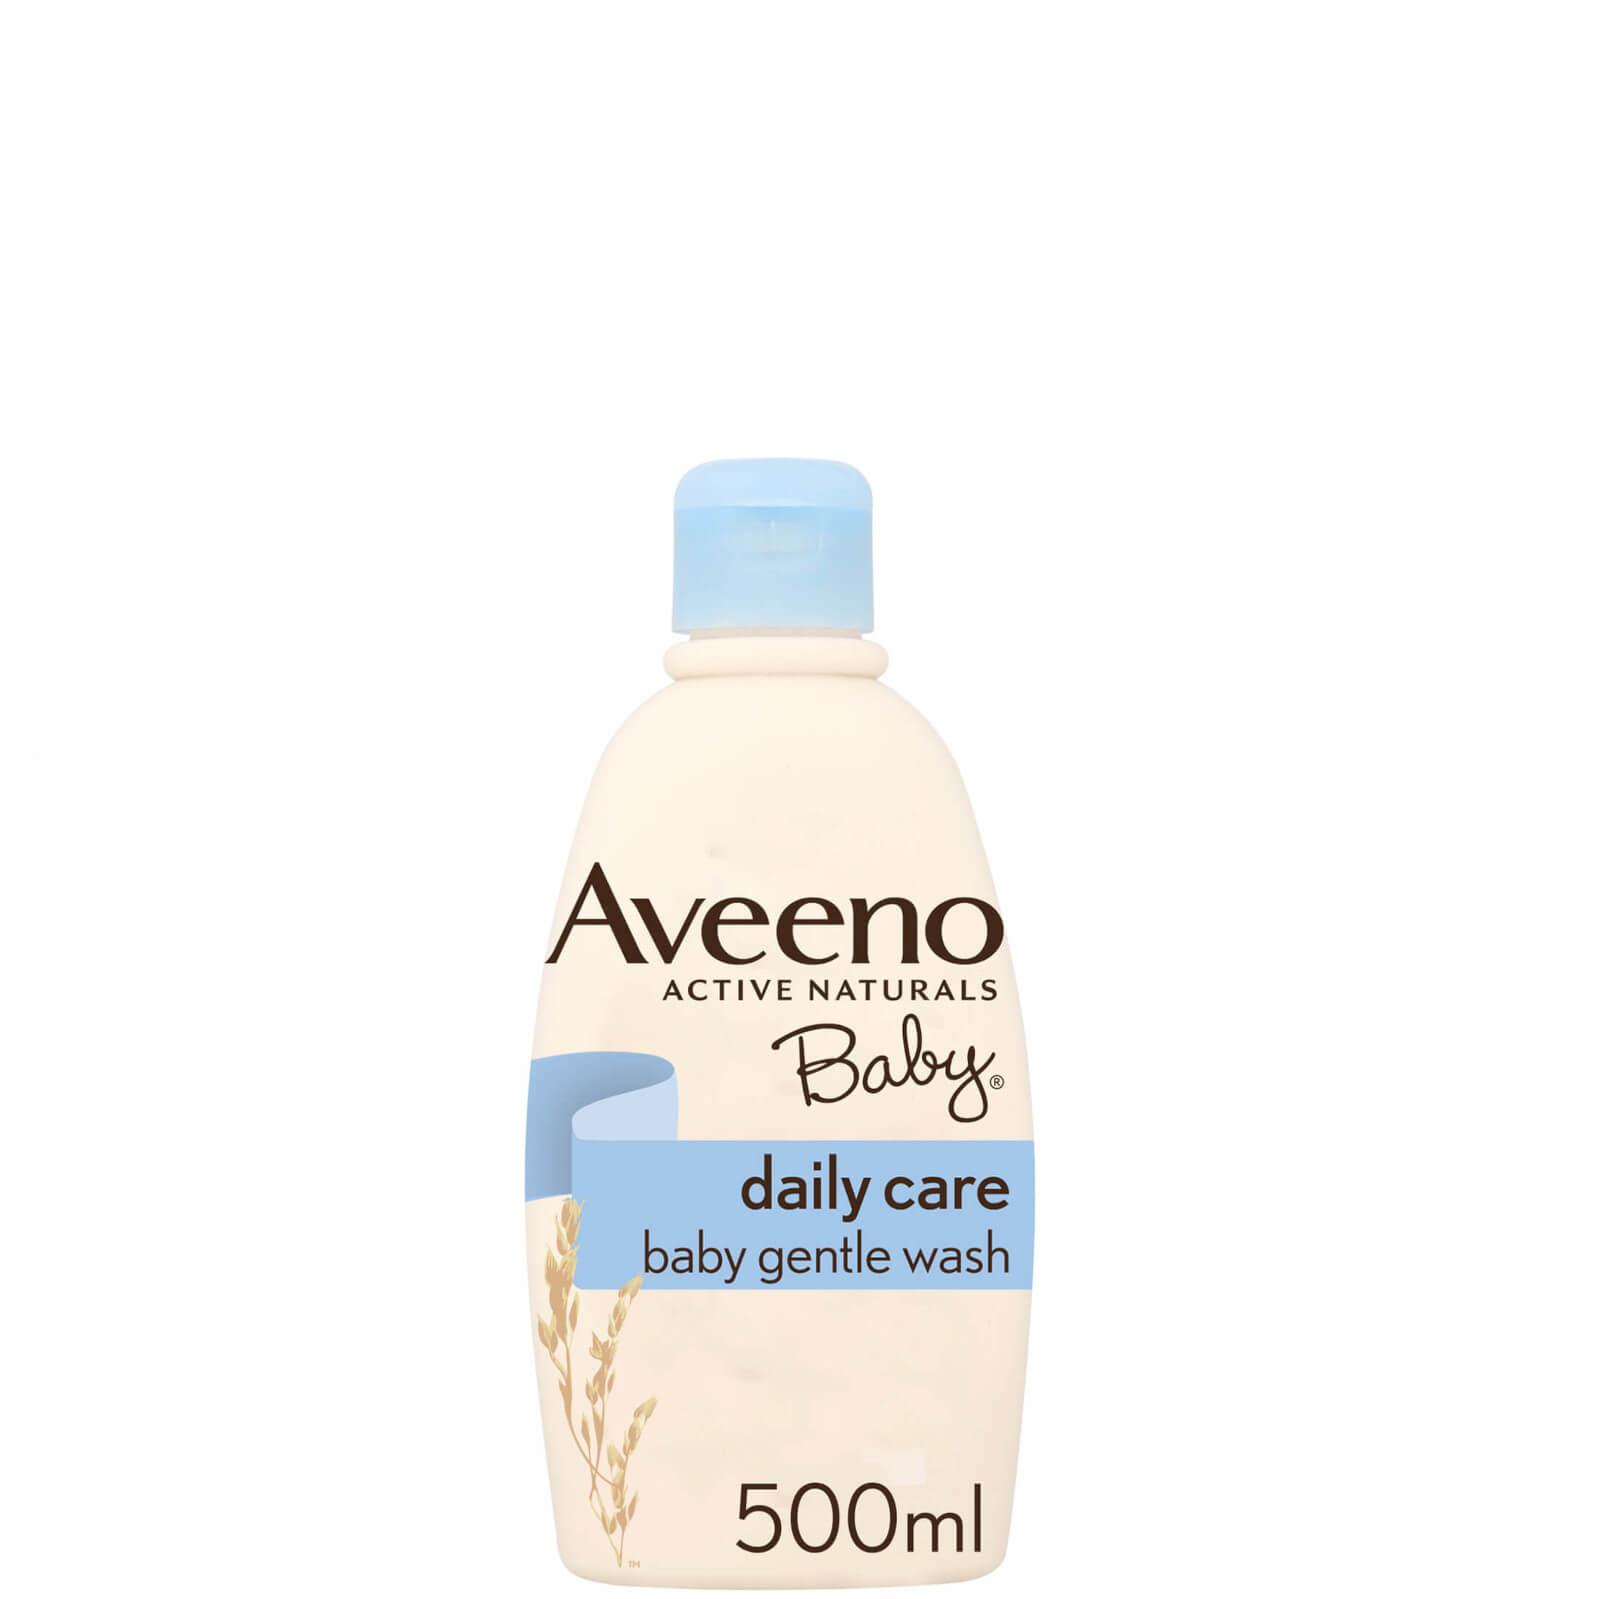 Купить Нежный детский гель для душа Aveeno Baby Daily Care Baby Gentle Wash 500 мл